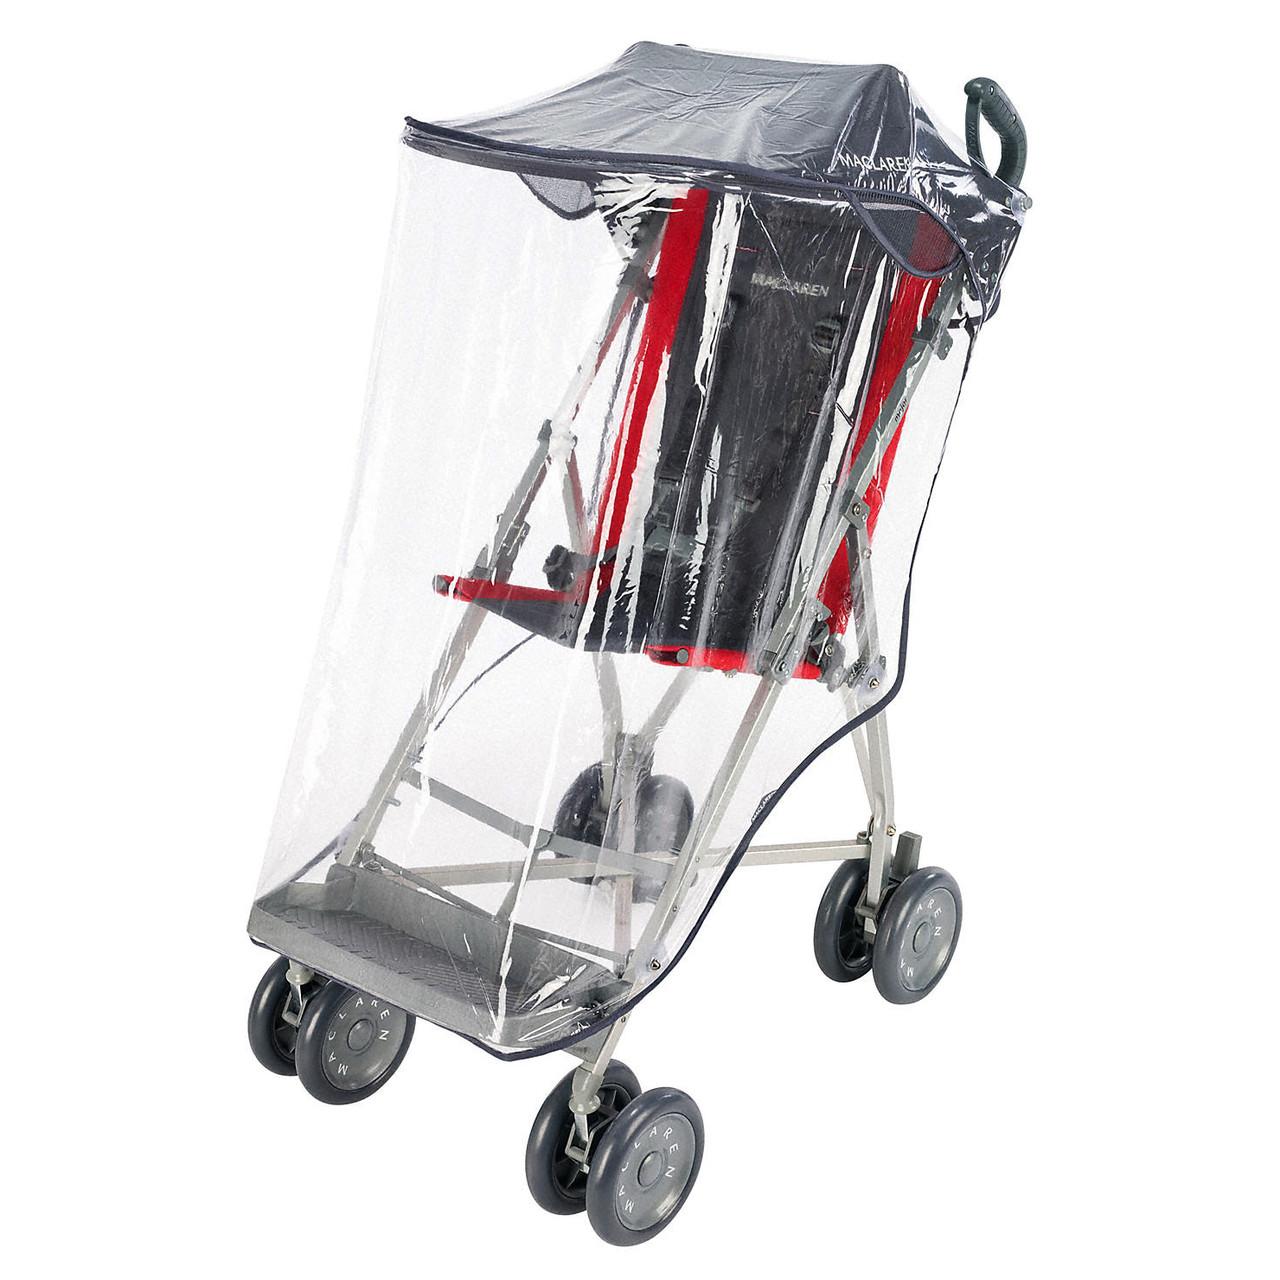 """Аксессуар к коляске «Maclaren» (NHE07011) дождевик для коляски """"Major Elite"""", цвет """"Black"""" (чёрный)"""